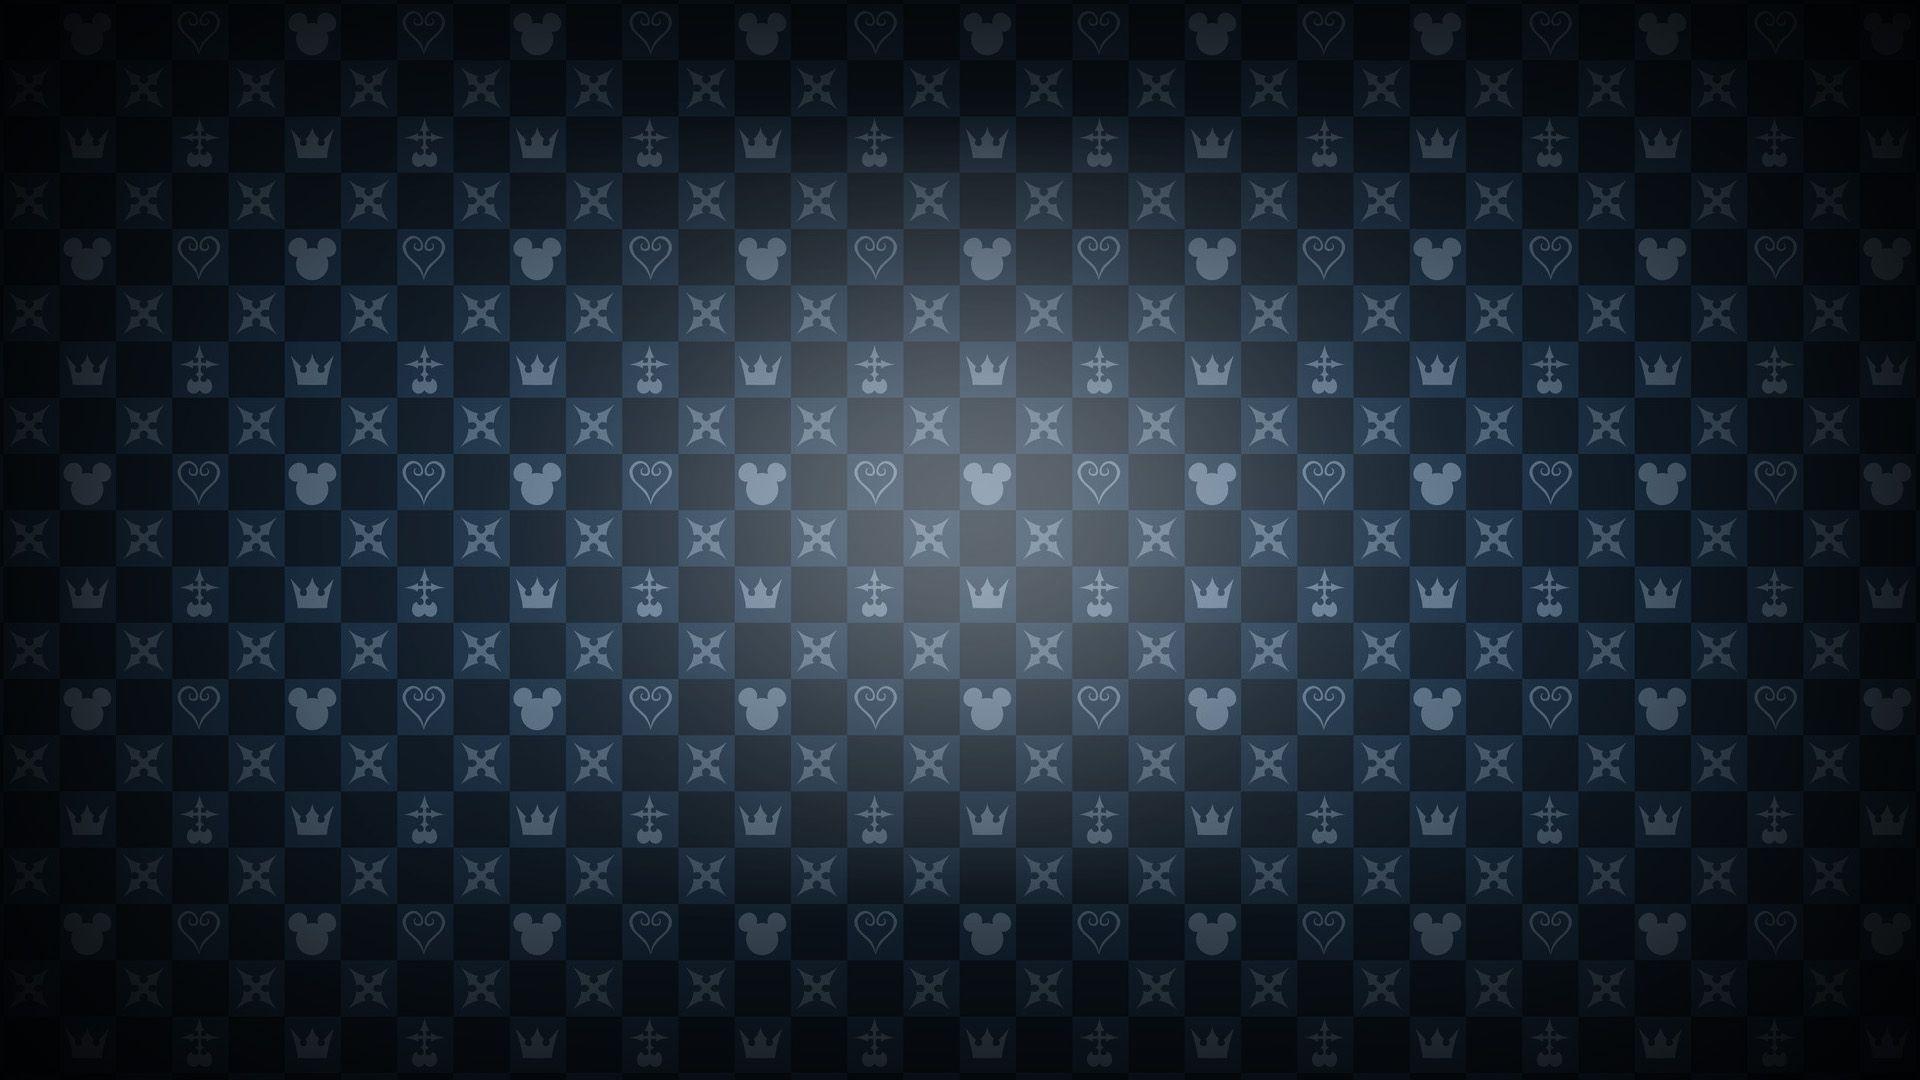 Kingdom Hearts pattern wallpaper 14547 1920x1080